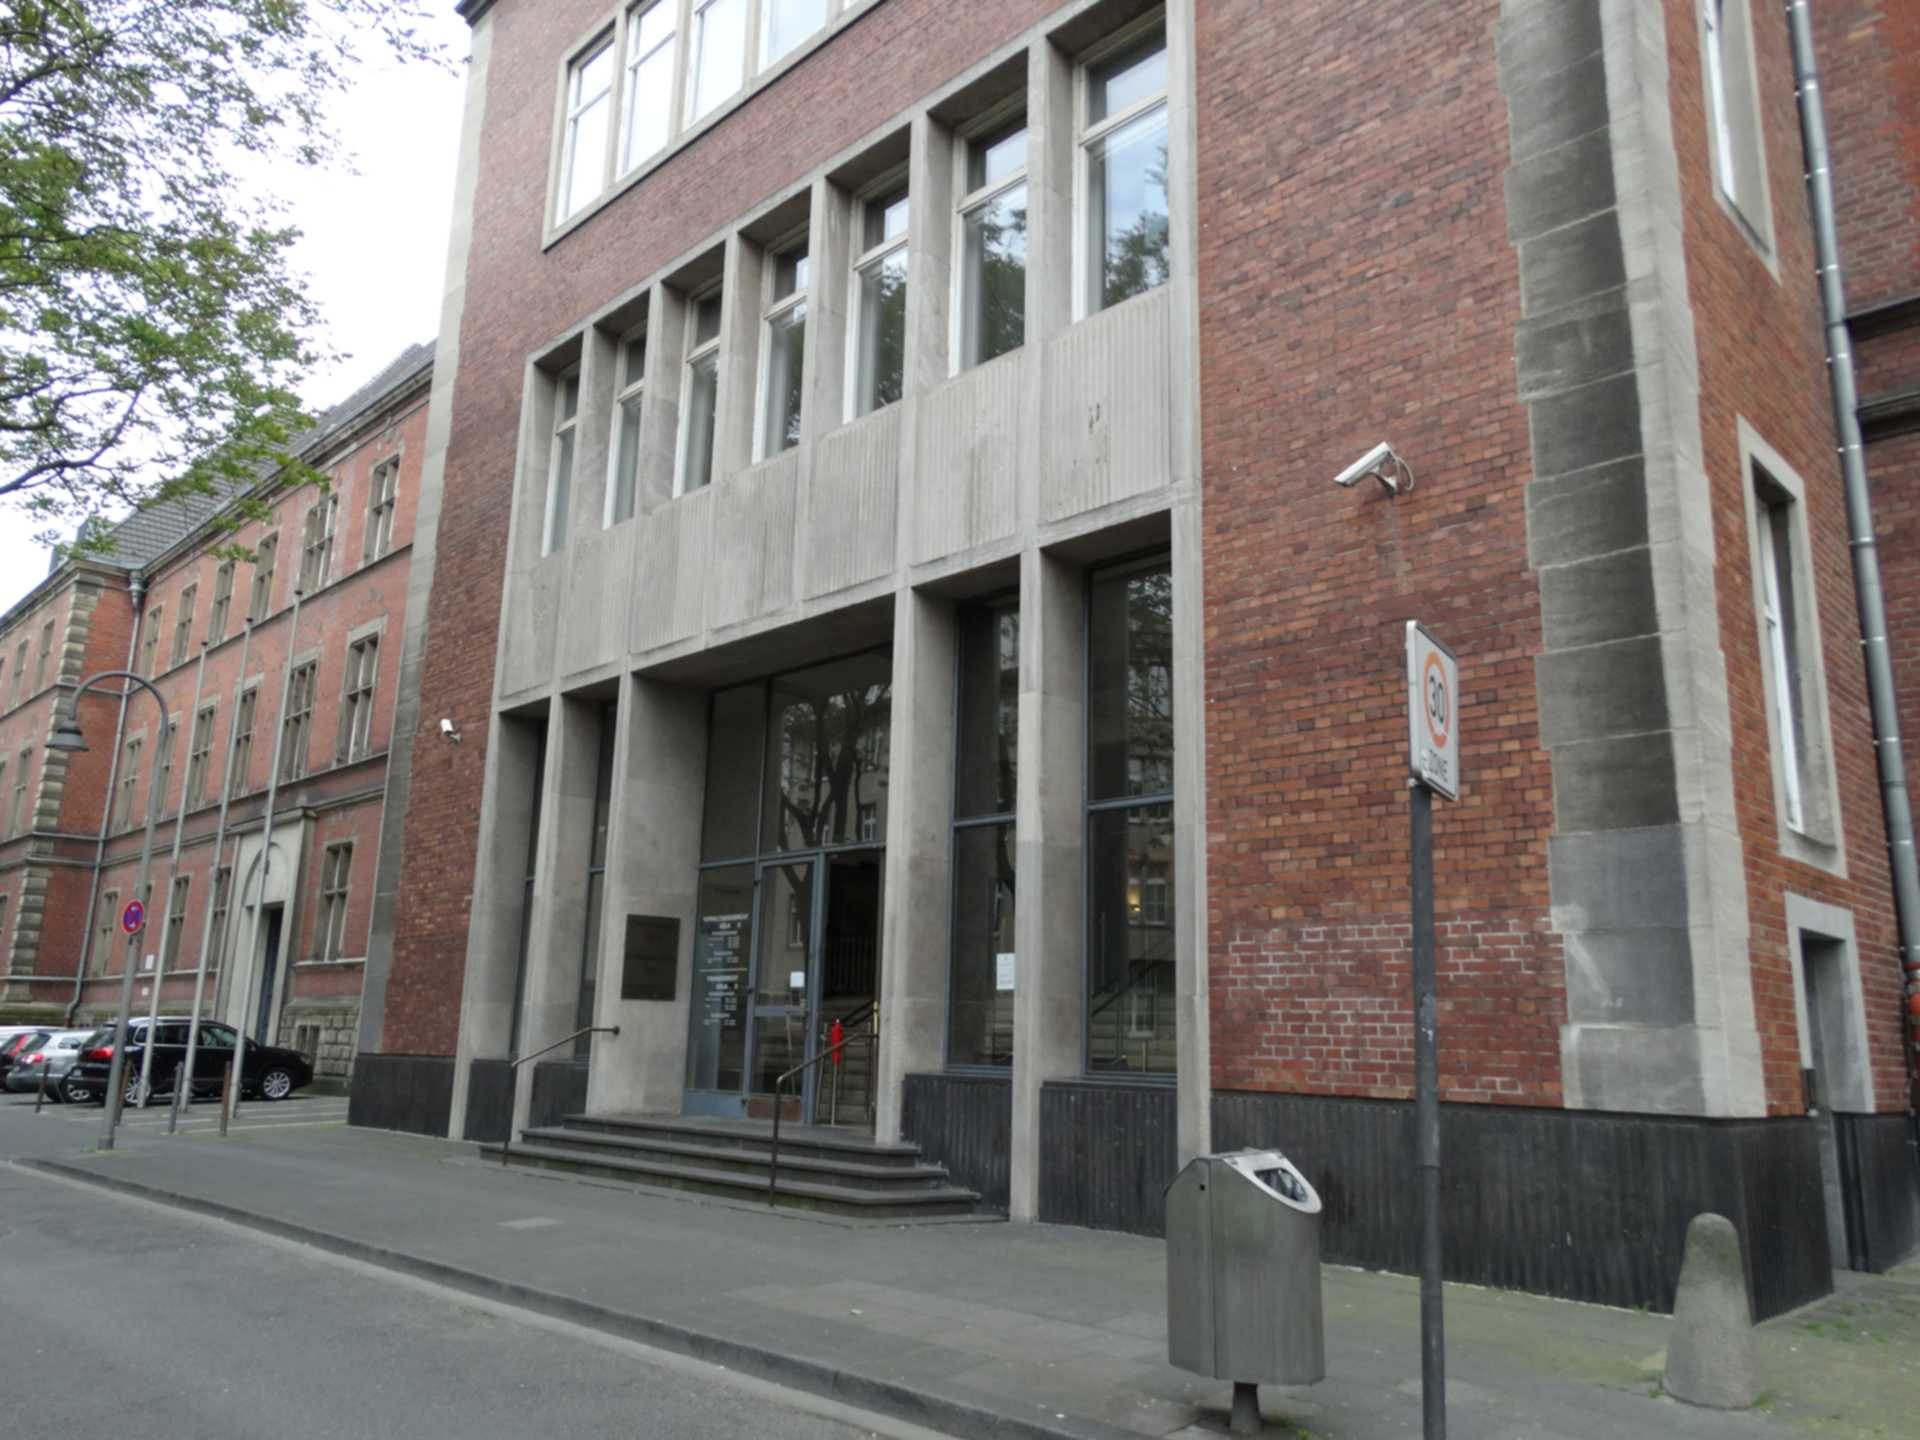 Die Sachaufklärungspflicht des Finanzgerichts - und das nicht eingeholte Sachverständigengutachten zum ausländischen Recht